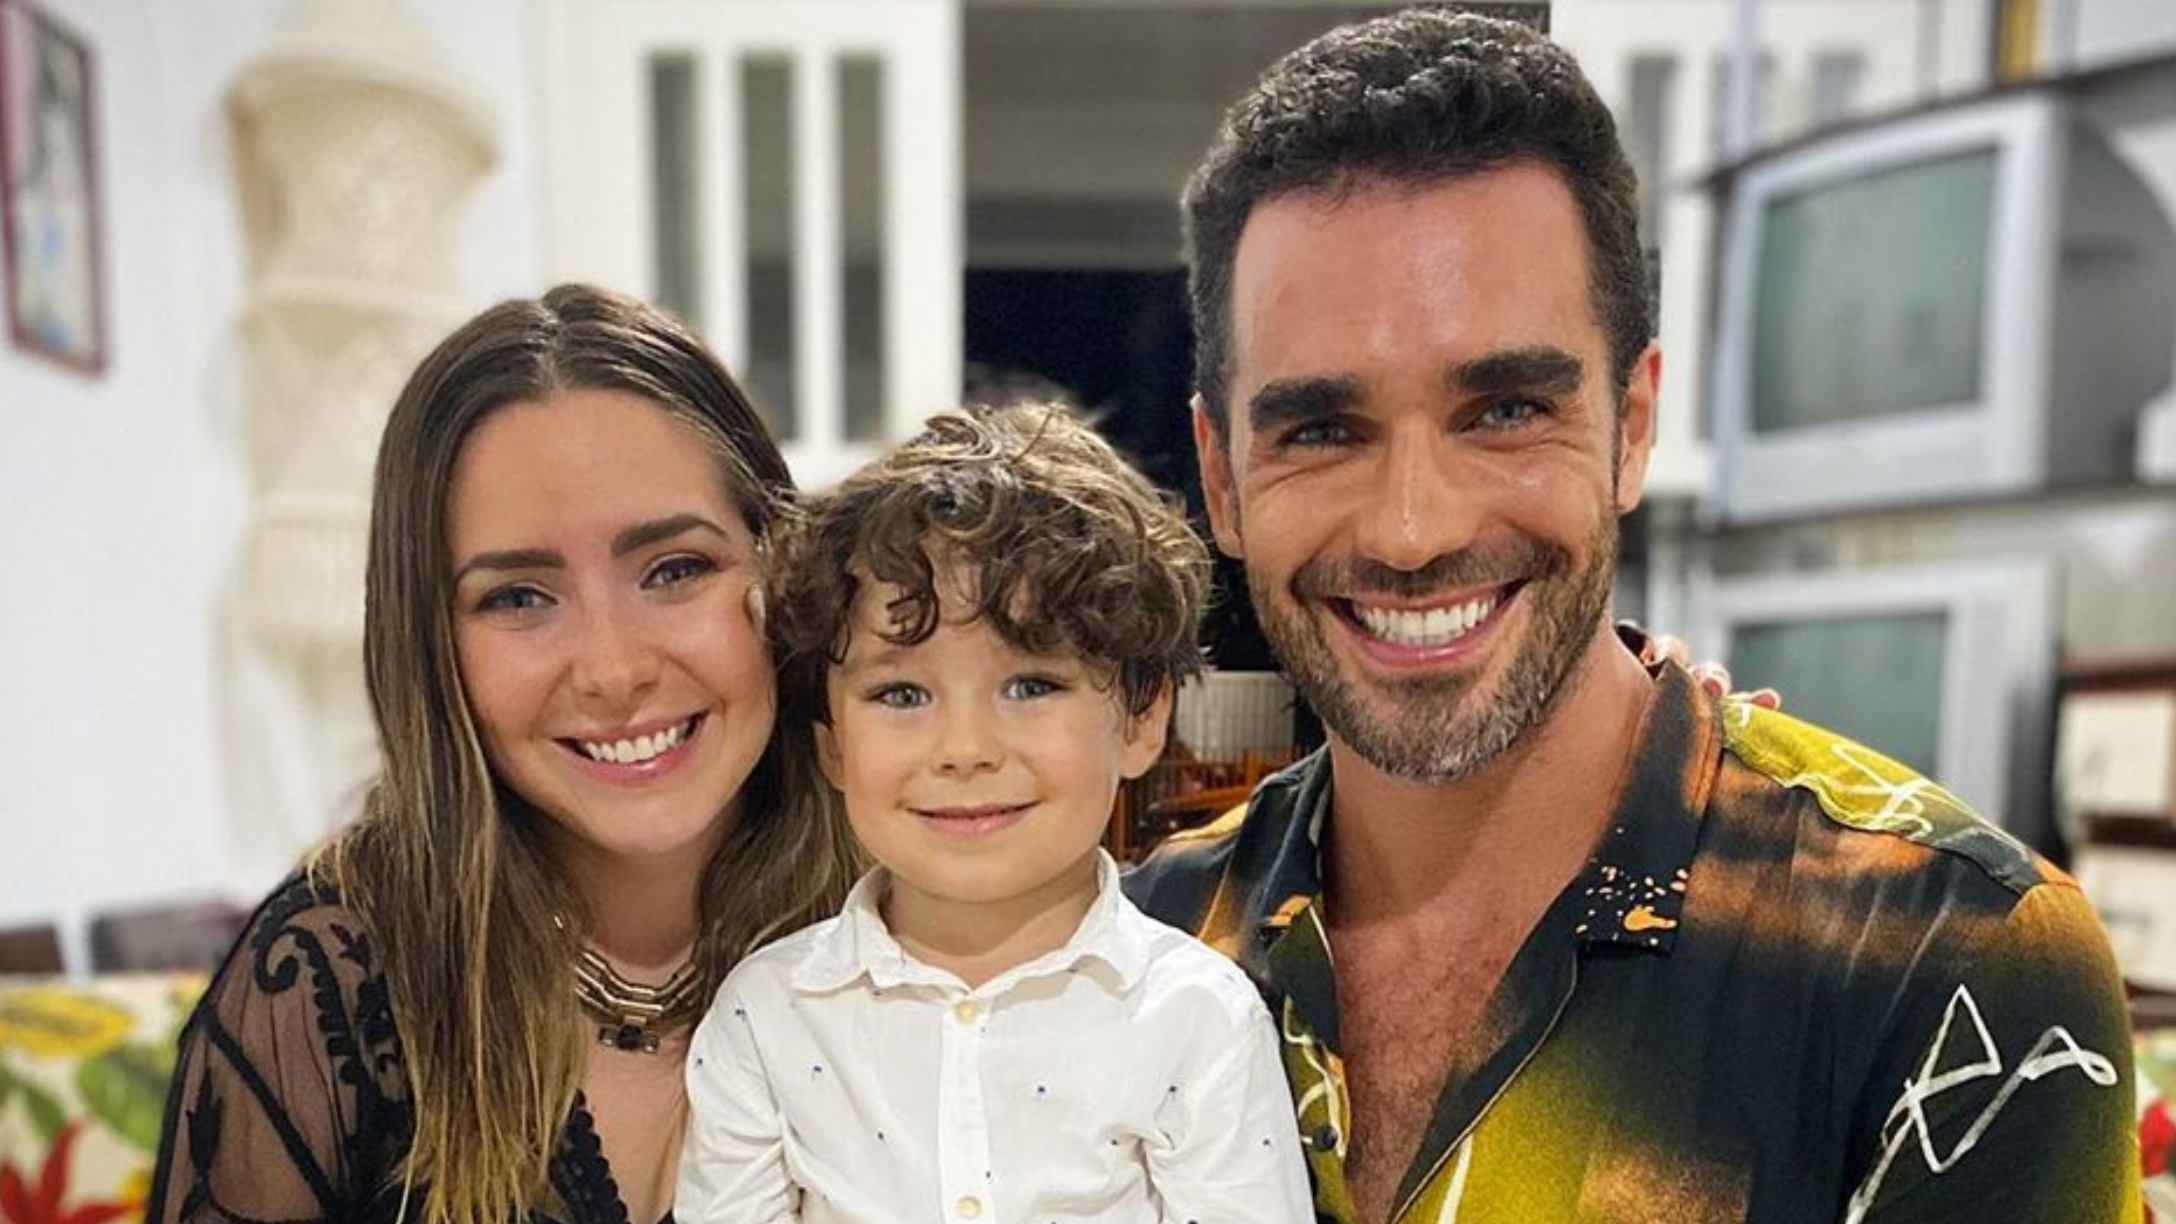 Que siempre sí: Ariadne Díaz regresa a las telenovelas tras haberse retirado un año